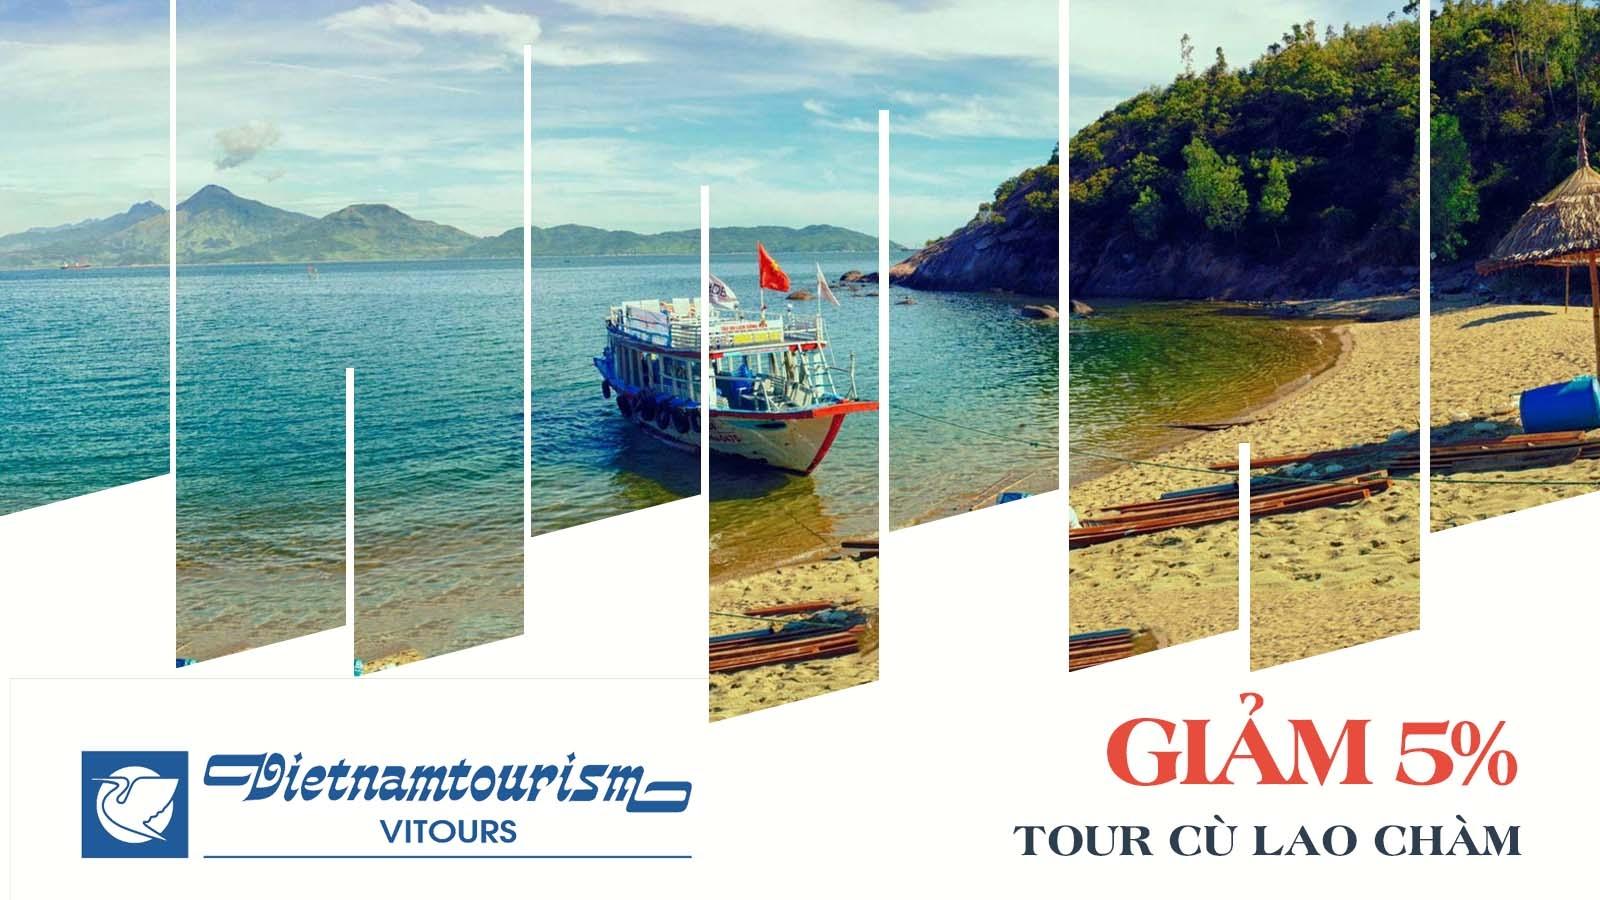 Vitours giảm 5% tour Cù Lao Chàm 8